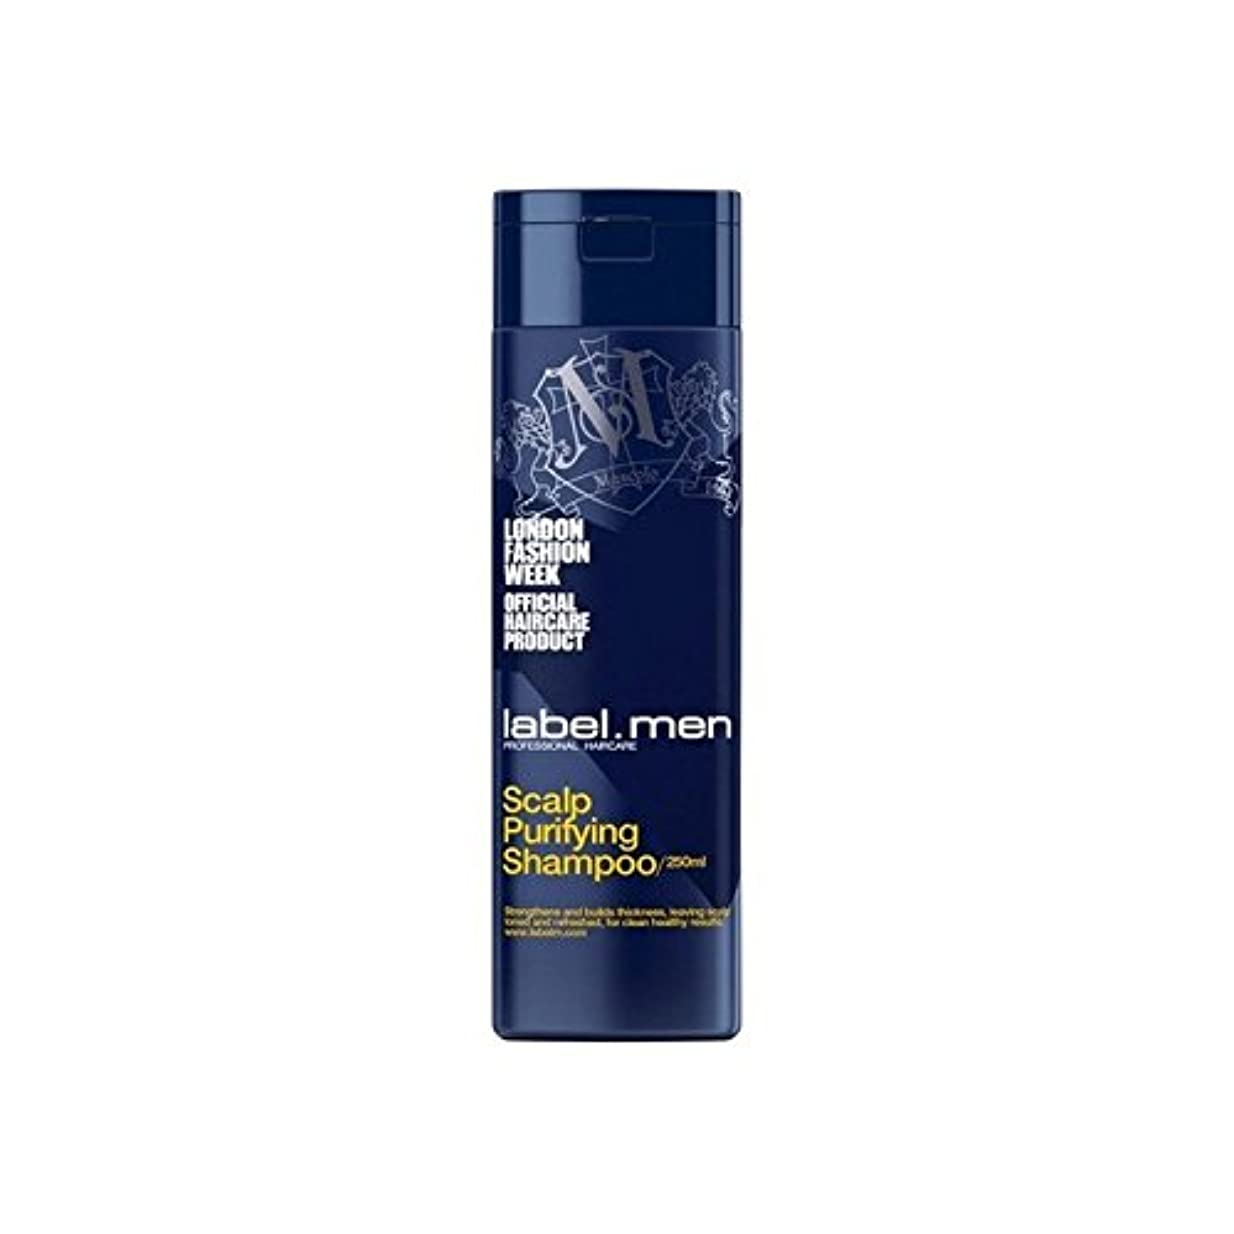 スタッフレンド変位Label.Men Scalp Purifying Shampoo (250ml) - .頭皮浄化シャンプー(250ミリリットル) [並行輸入品]